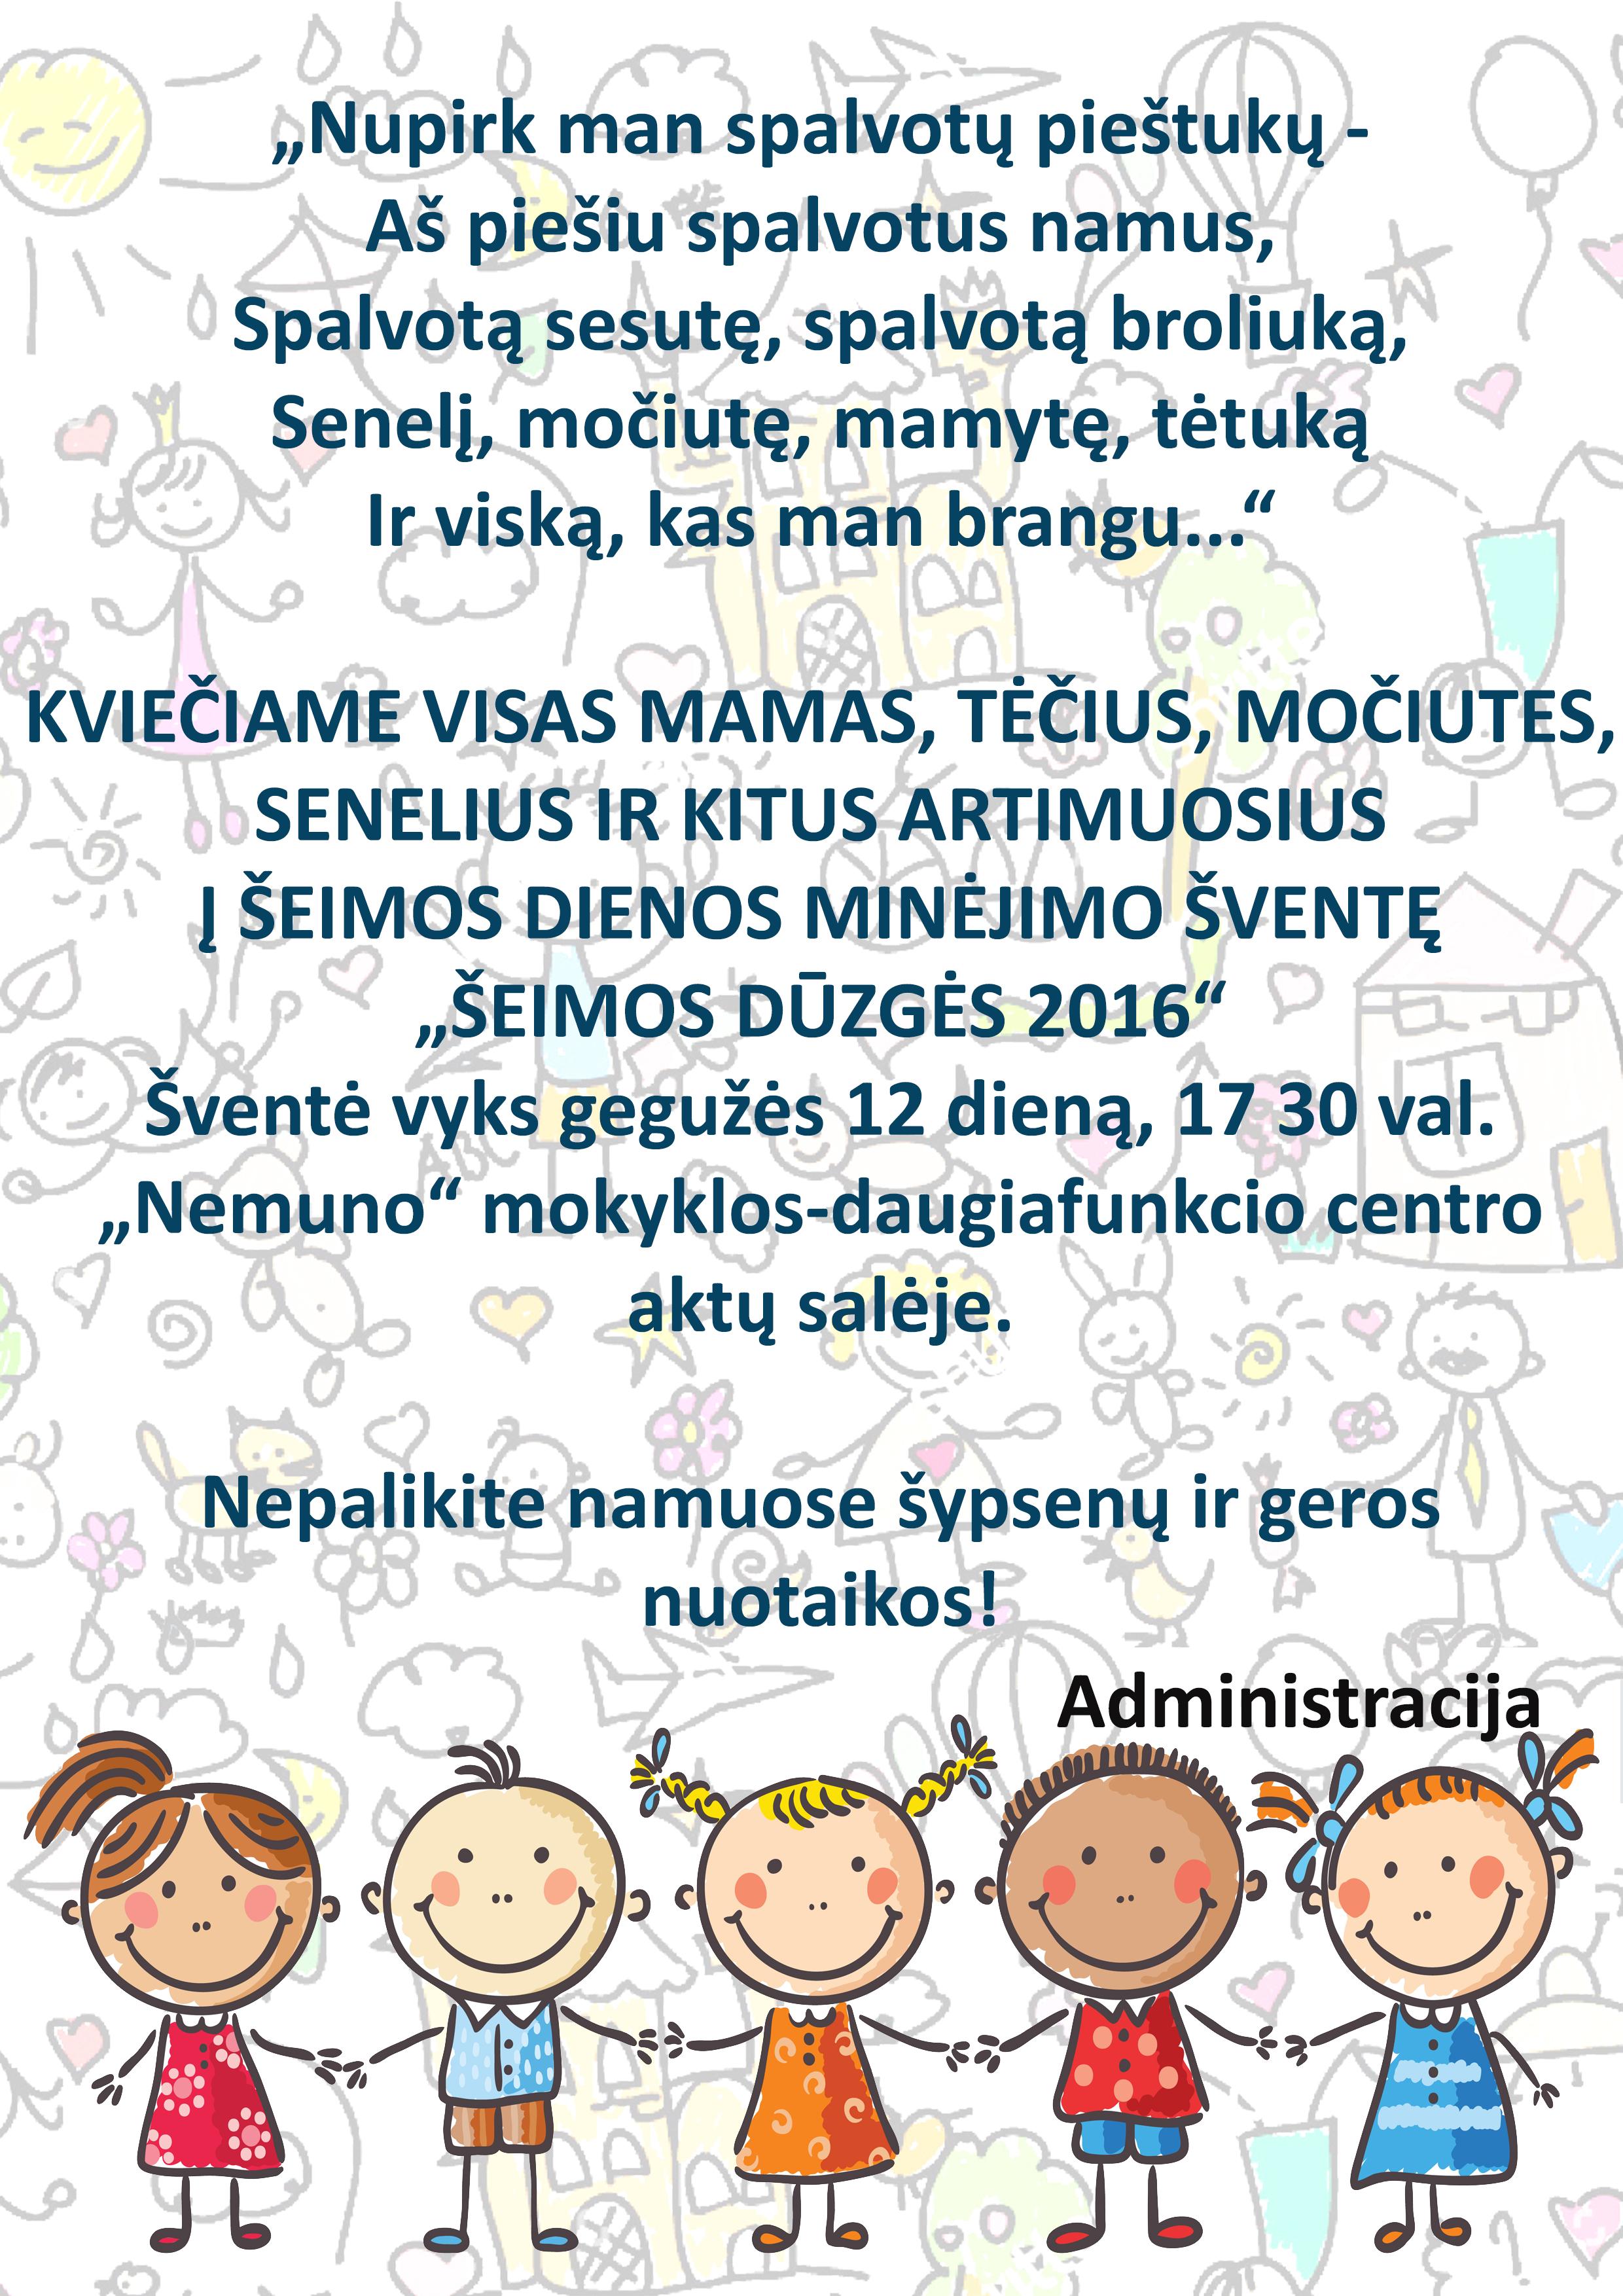 Šeimos dienos minėjimo šventė